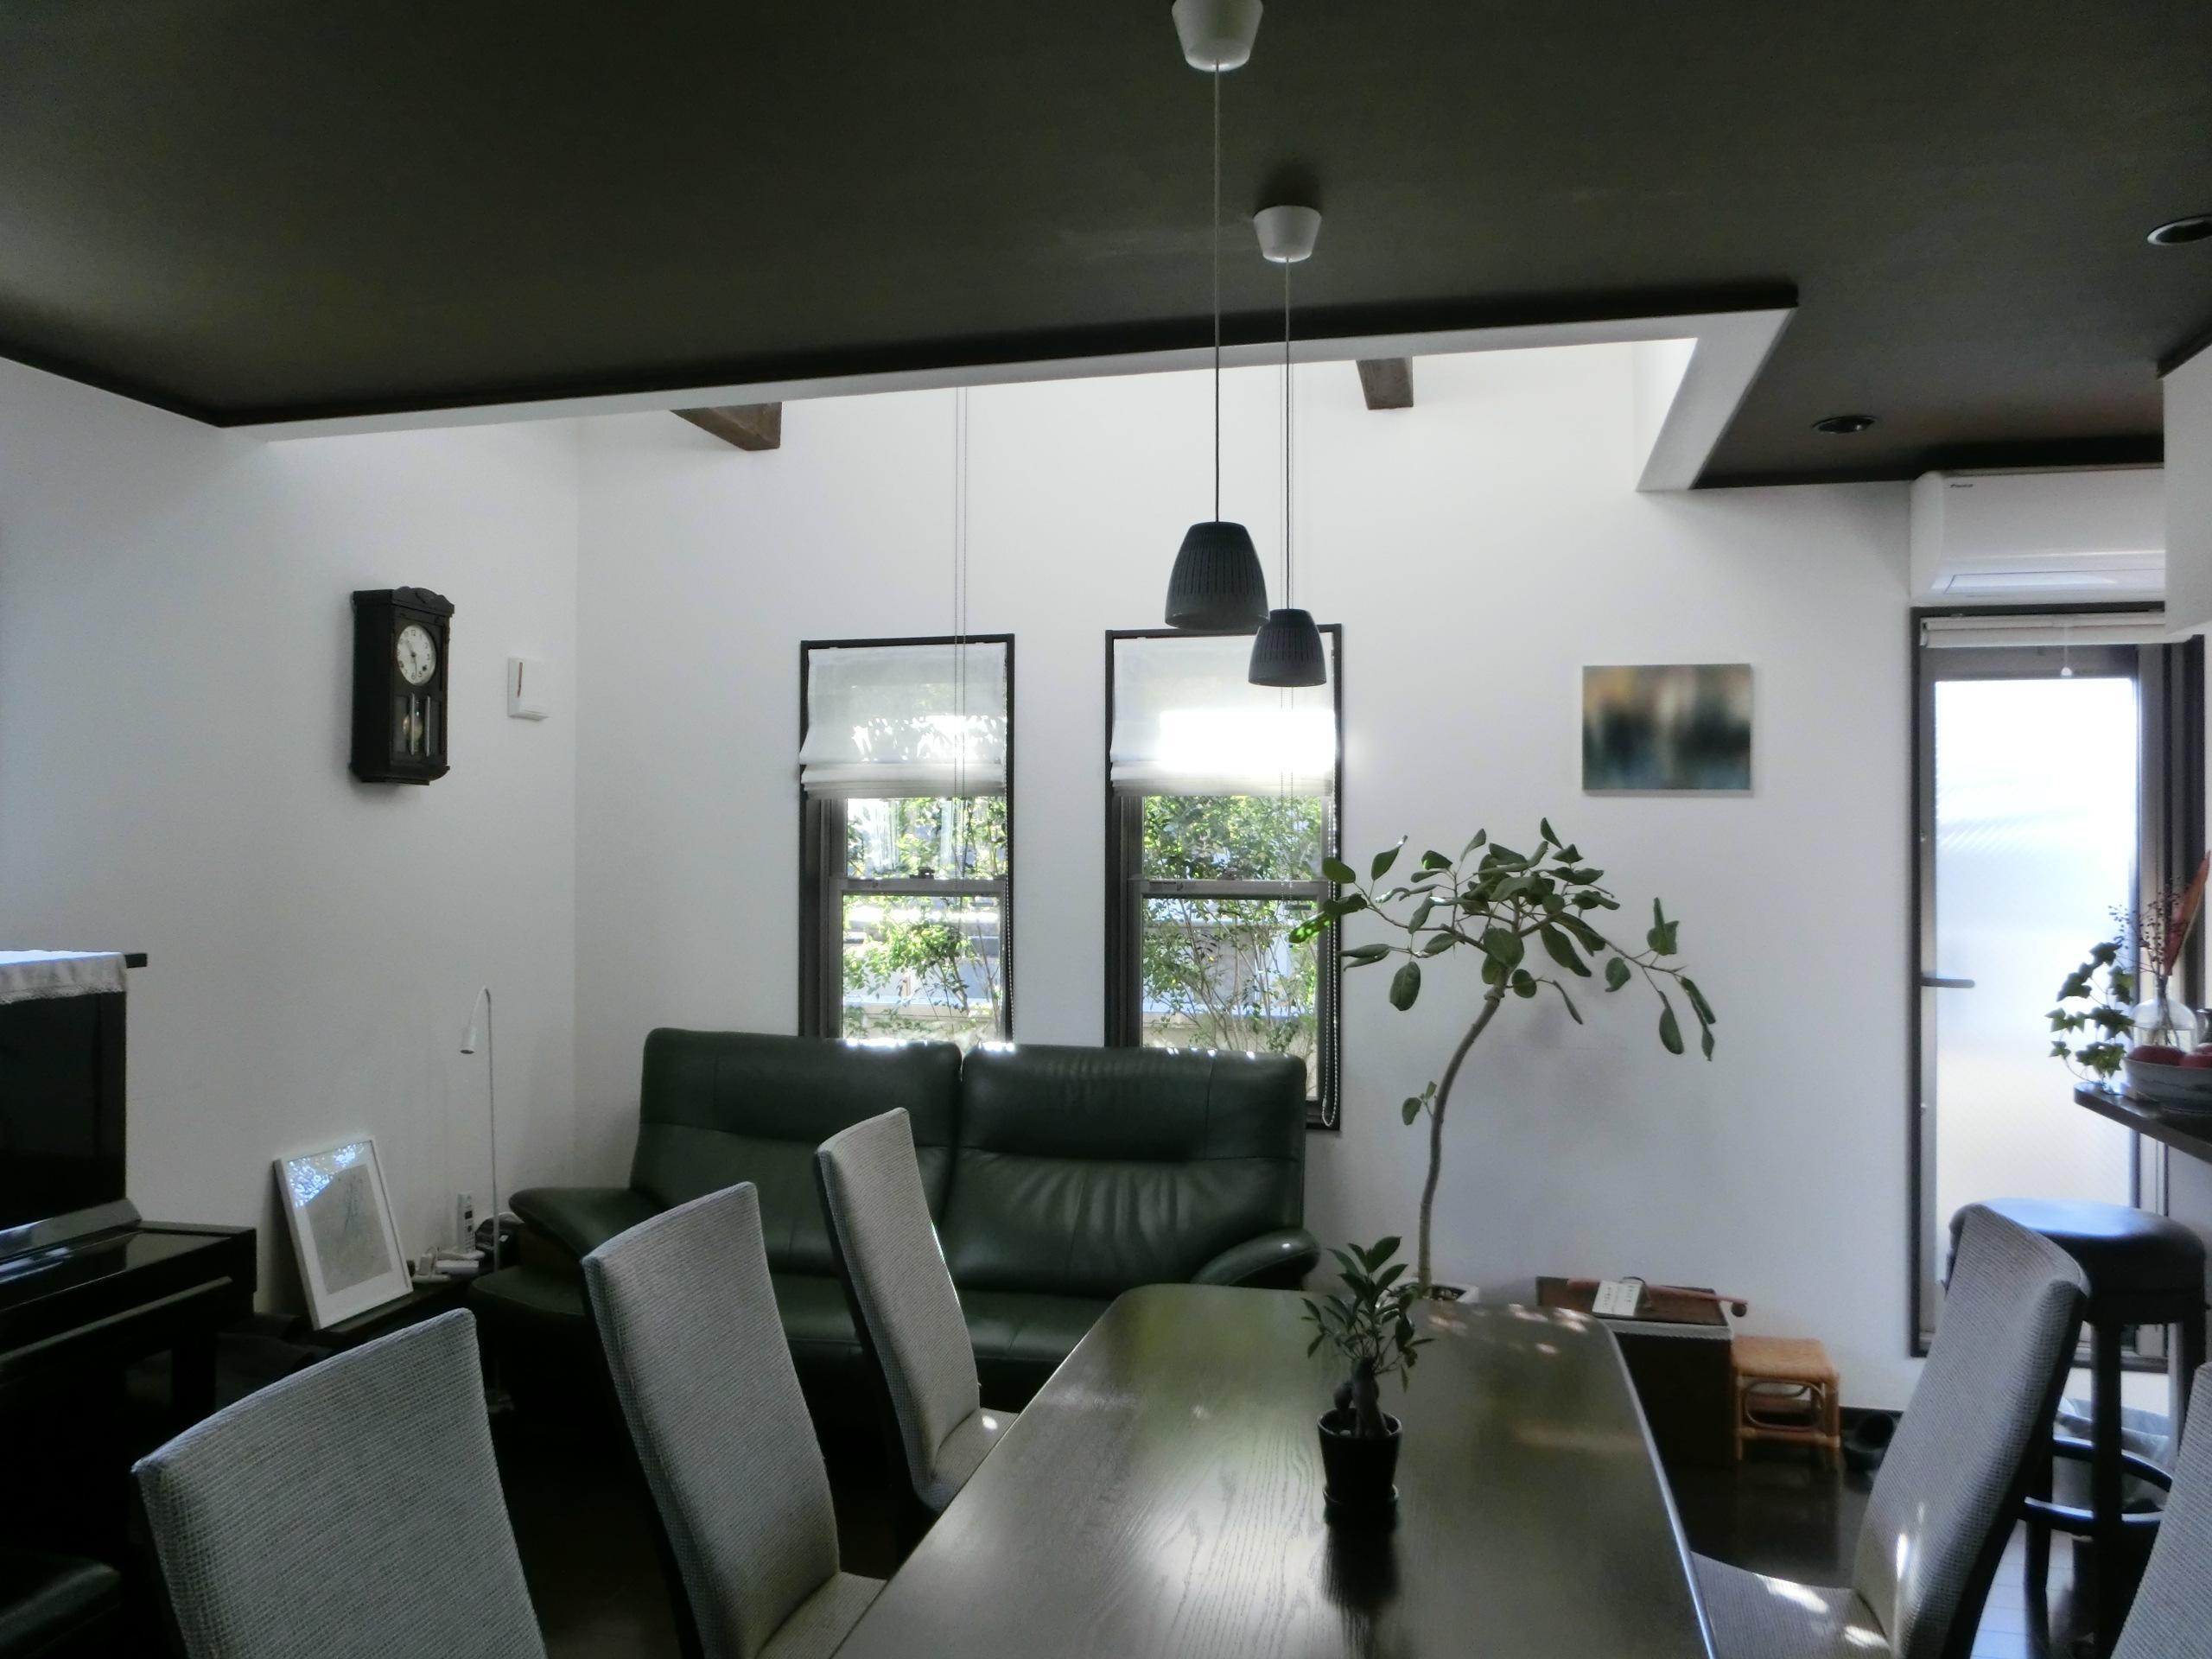 『手わざのコダワリ』と新しい建築技術の融合:東京都杉並区K様邸の写真 2階リビング・ダイニング